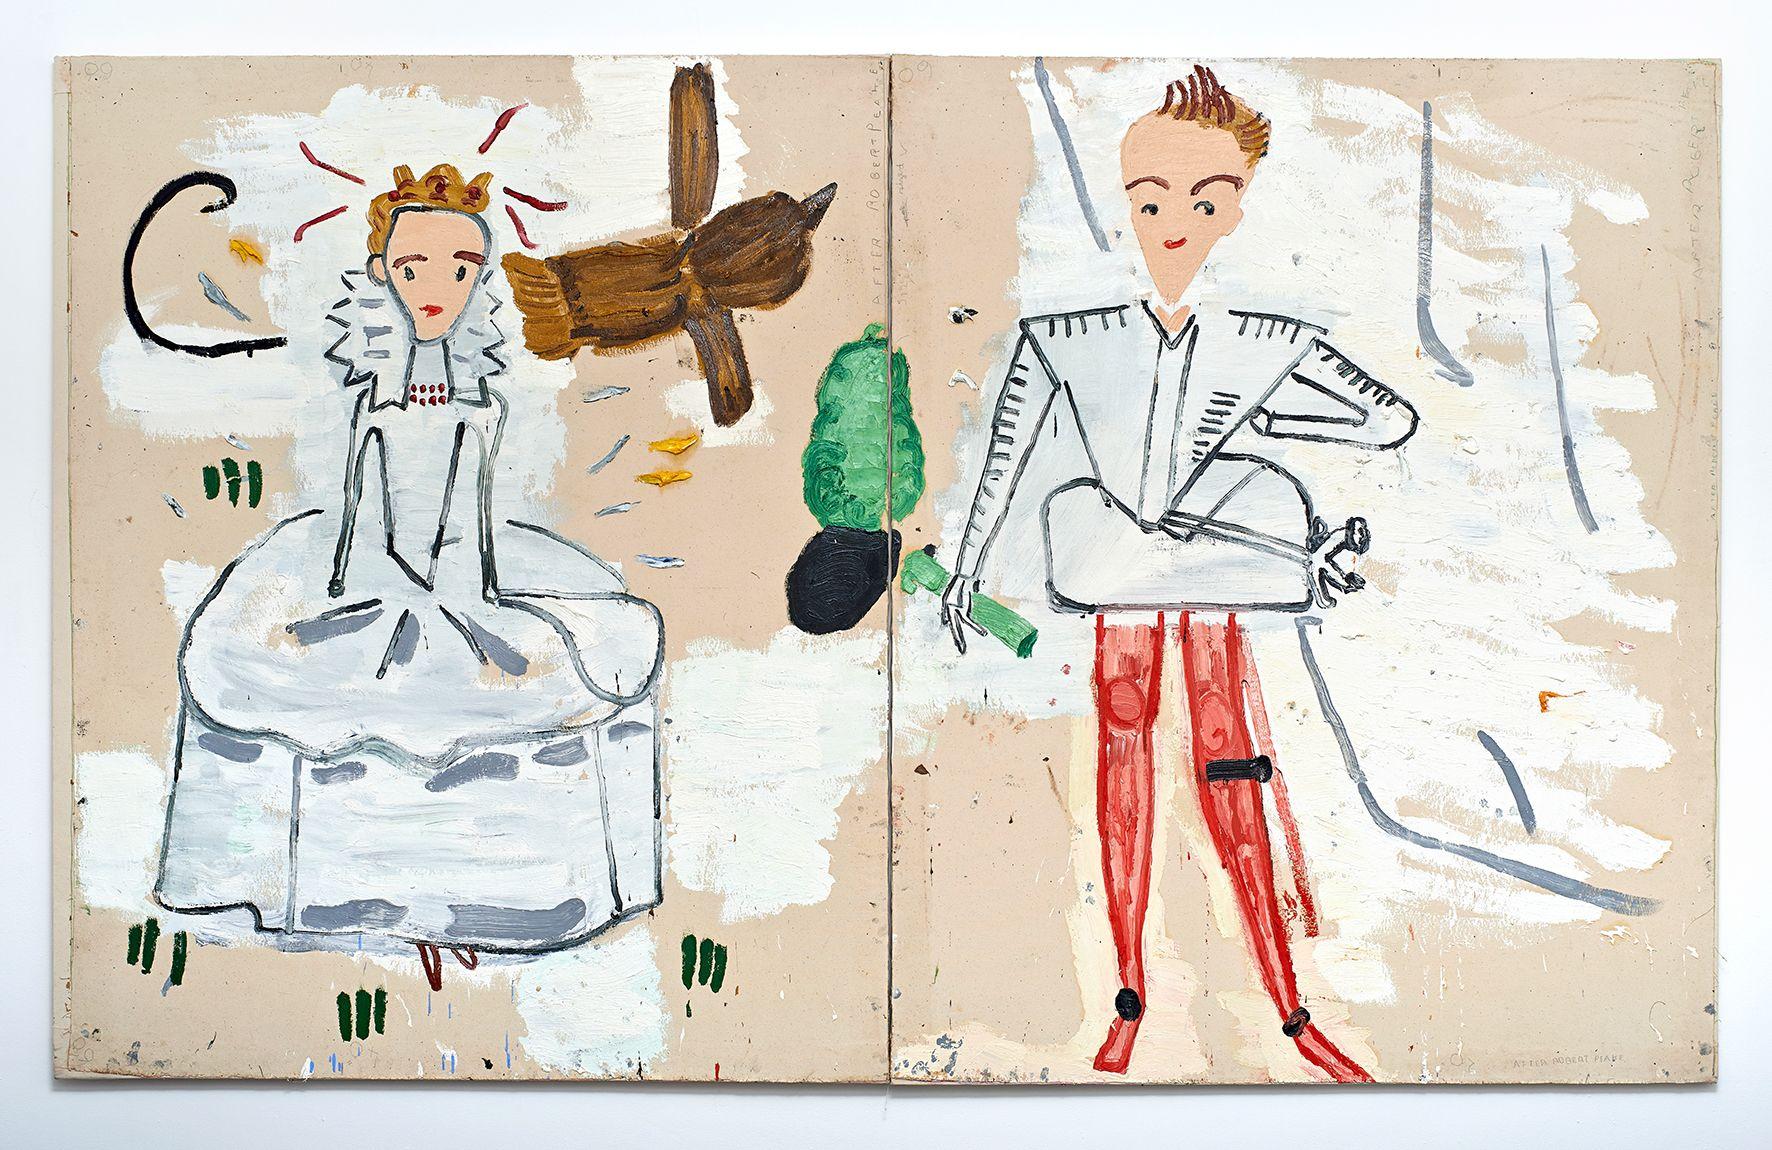 Http Www Staedtische Galerie Wolfsburg De I Exhibition Images Image 1583 0 Jpg Rose Wylie Wylie Contempory Art